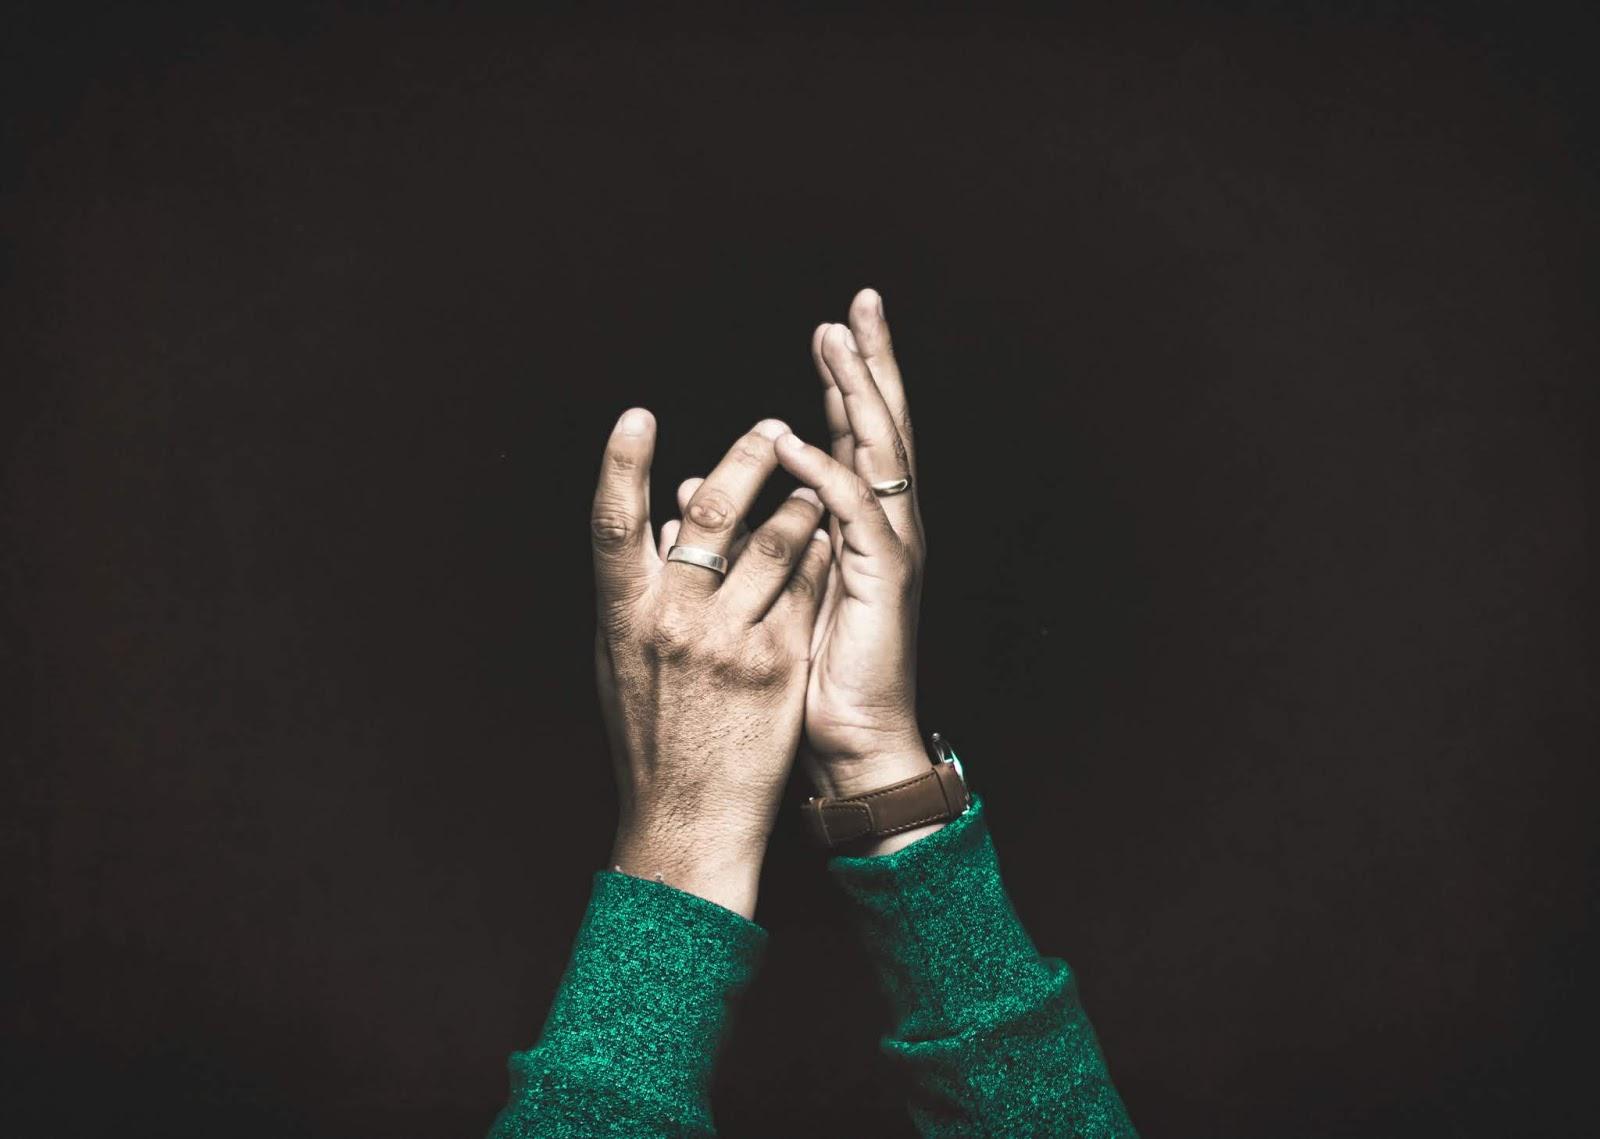 arquivos de rafaela, mãos, foto de mãos